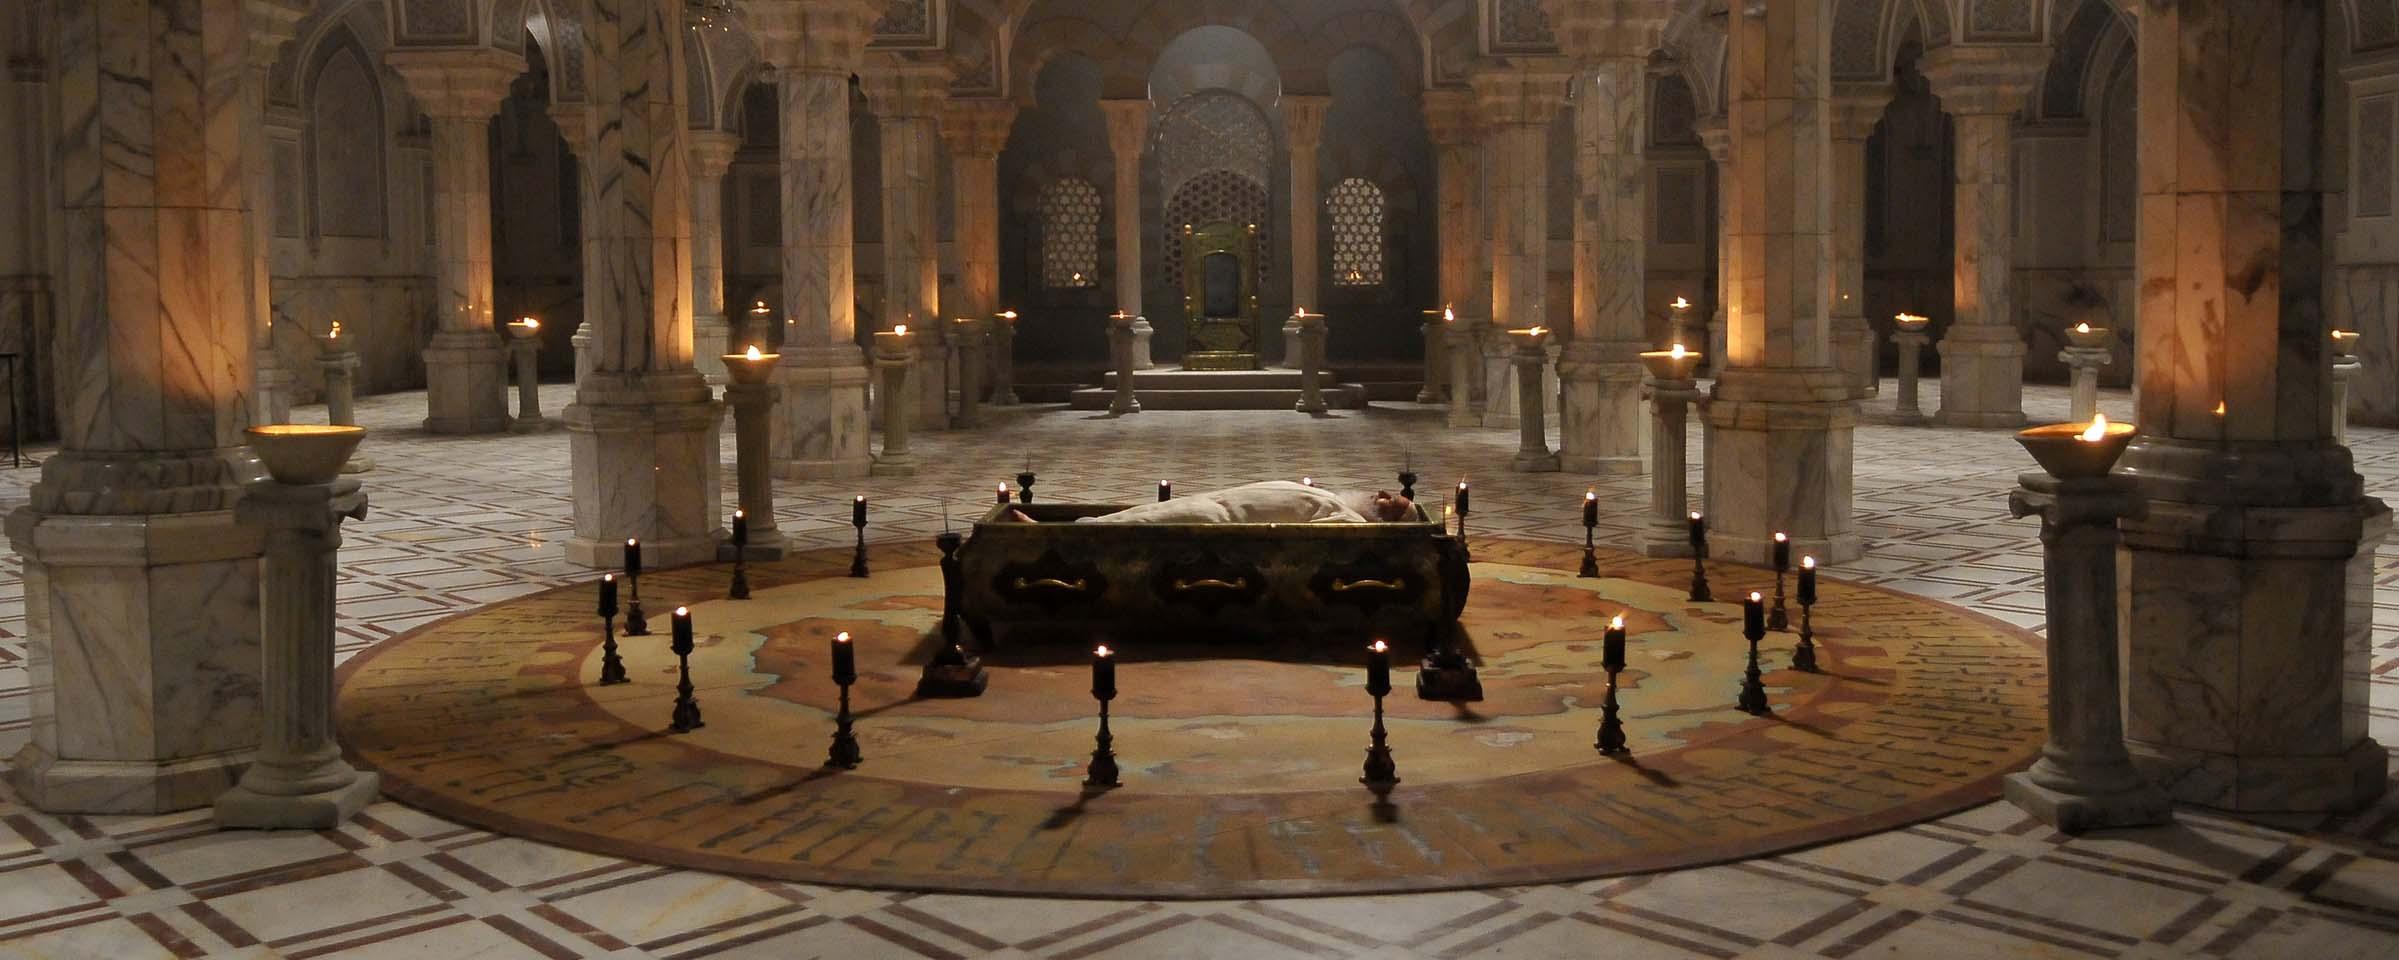 جسد معاویه در کاخ خویش